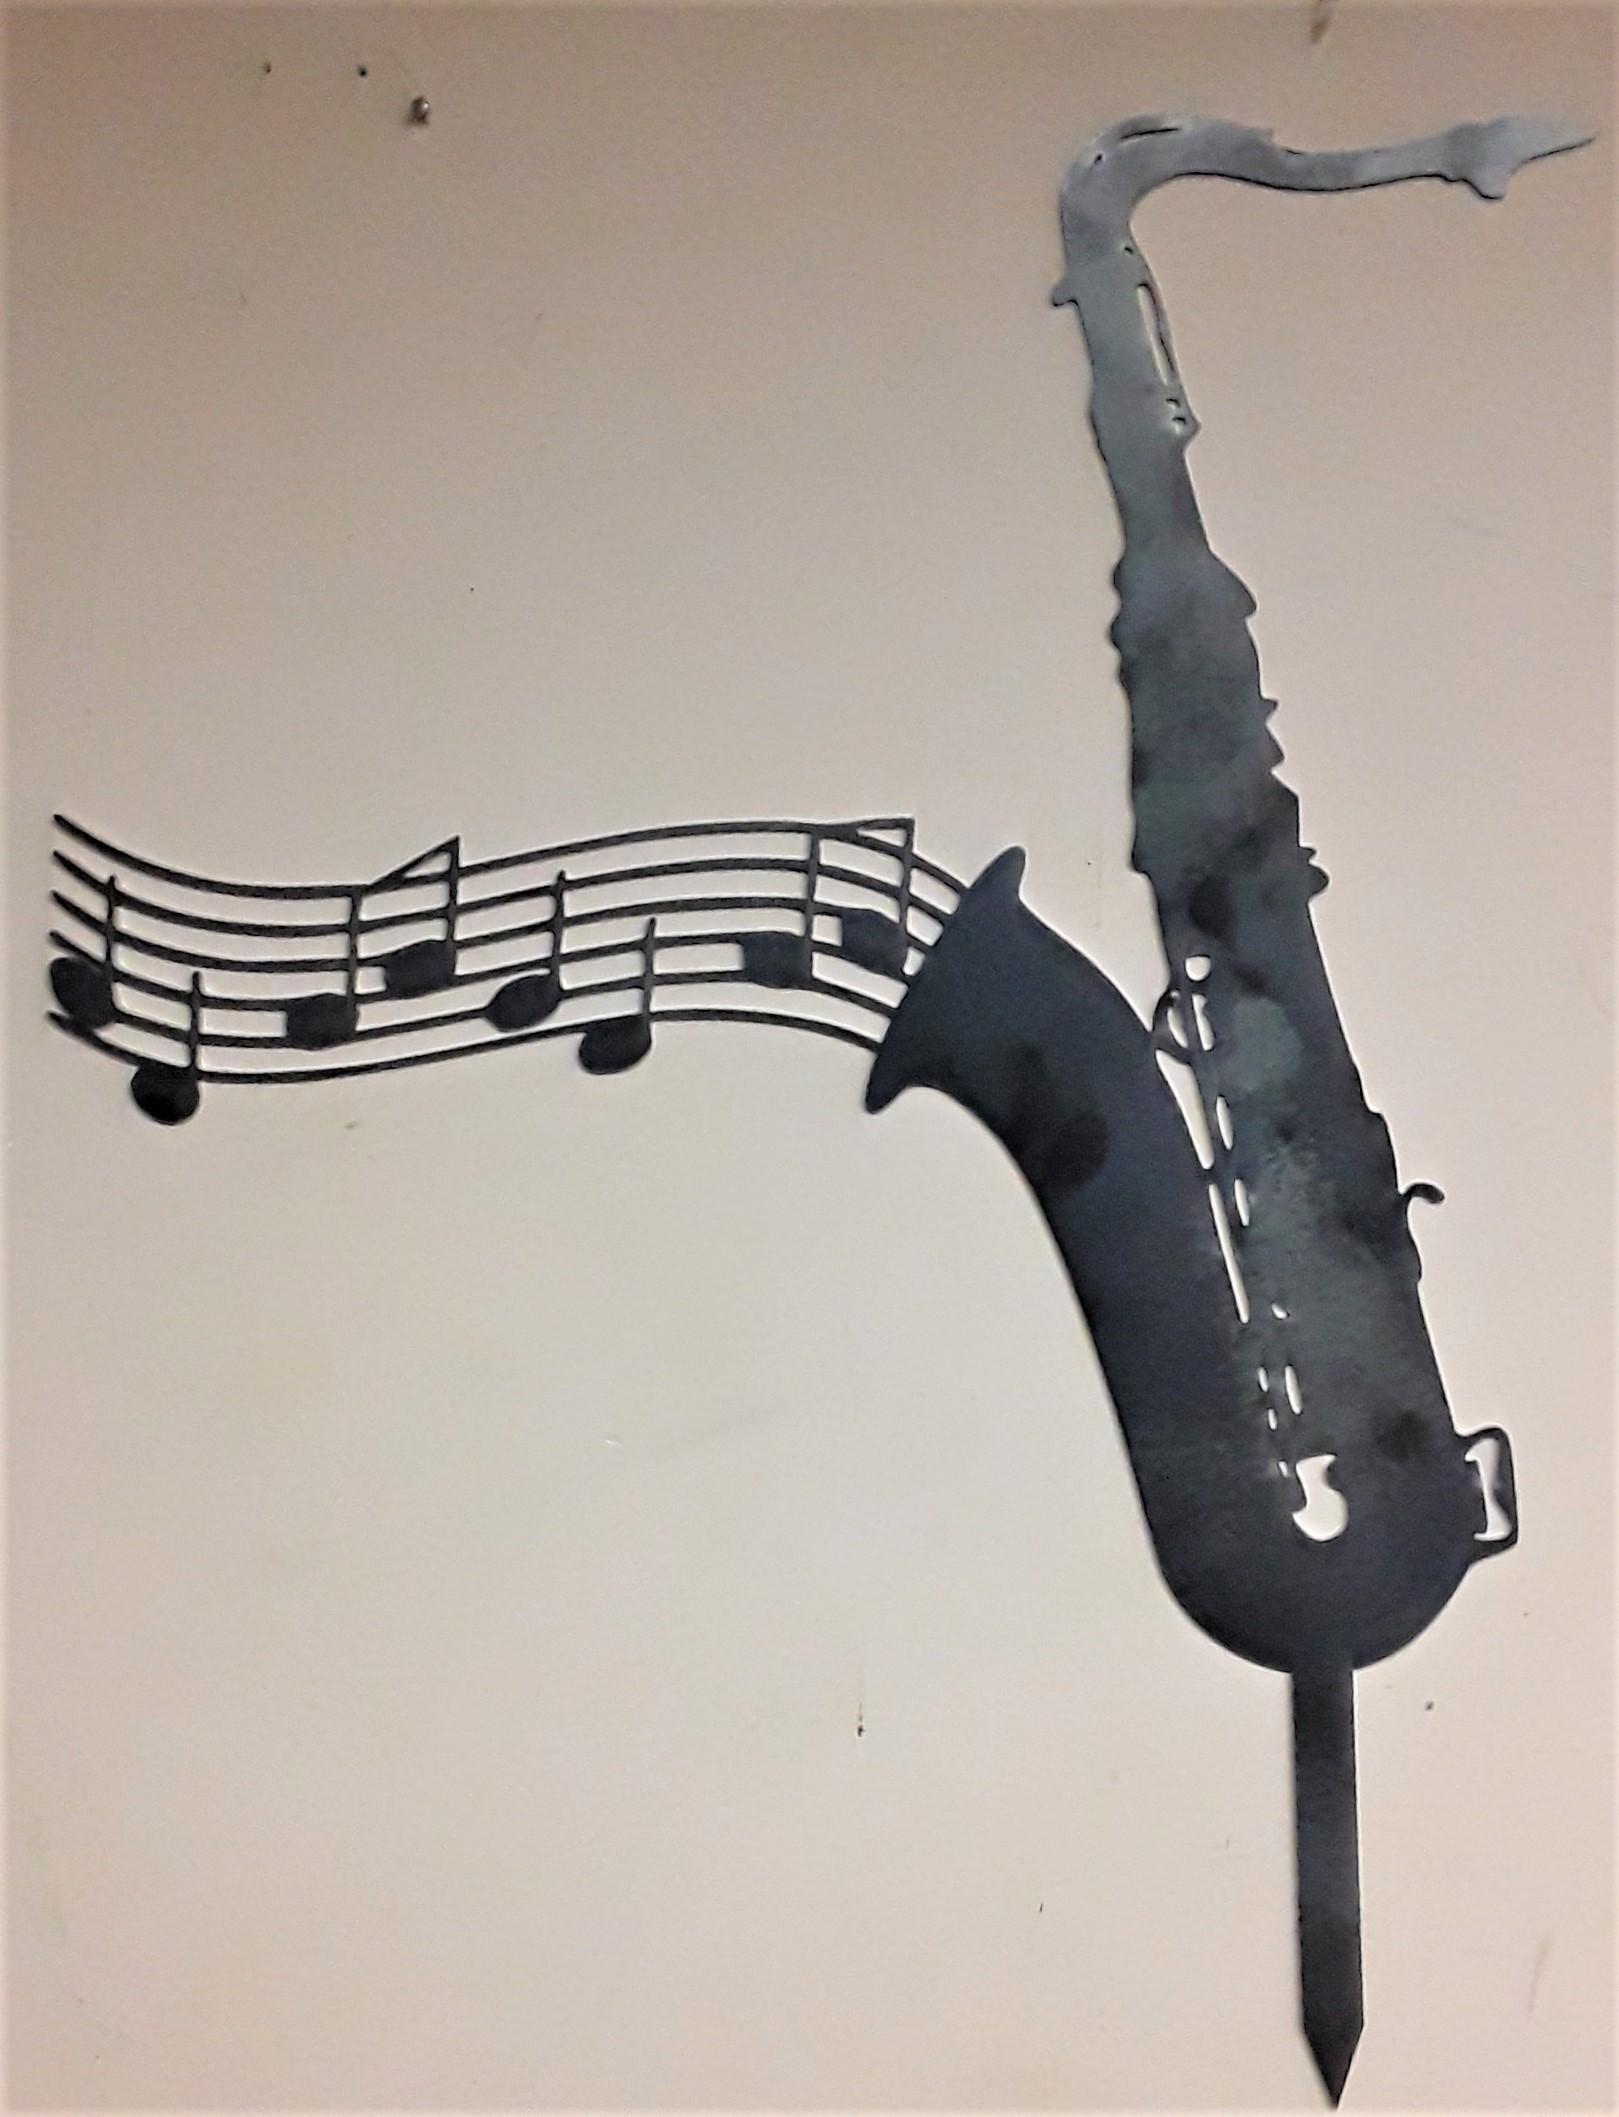 Sax & Music